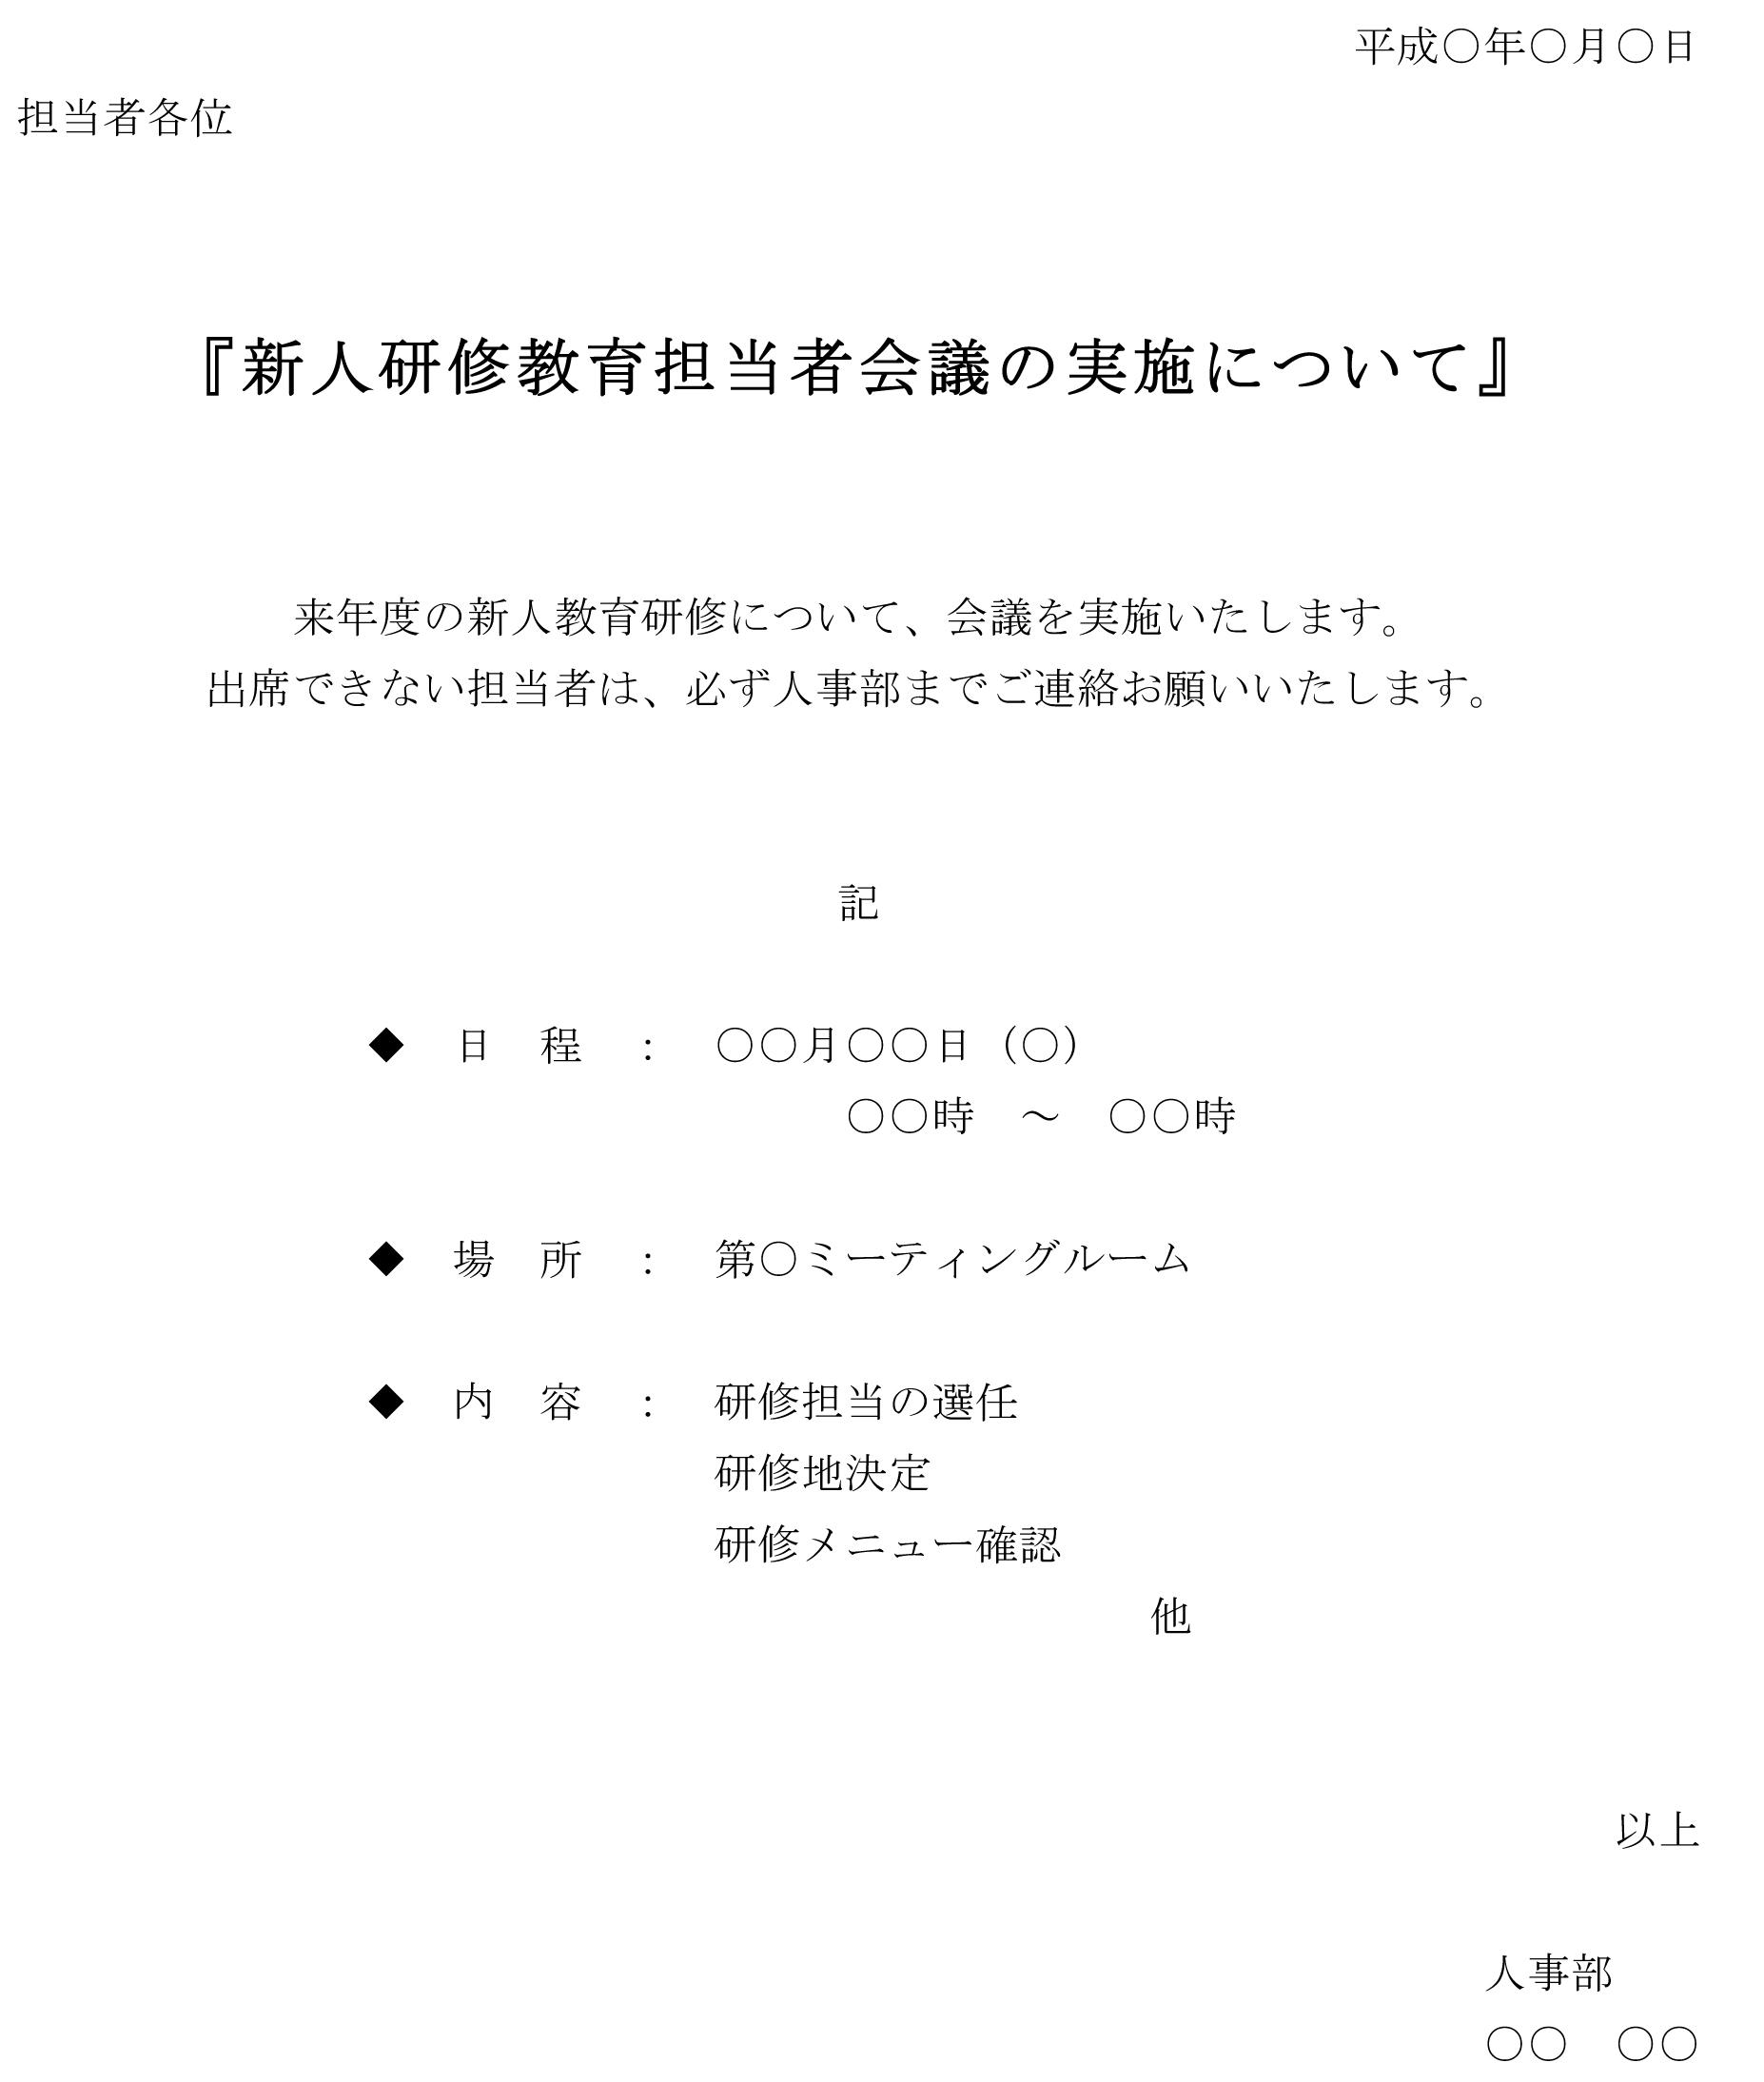 通知(新人研修教育担当者会議の実施について)